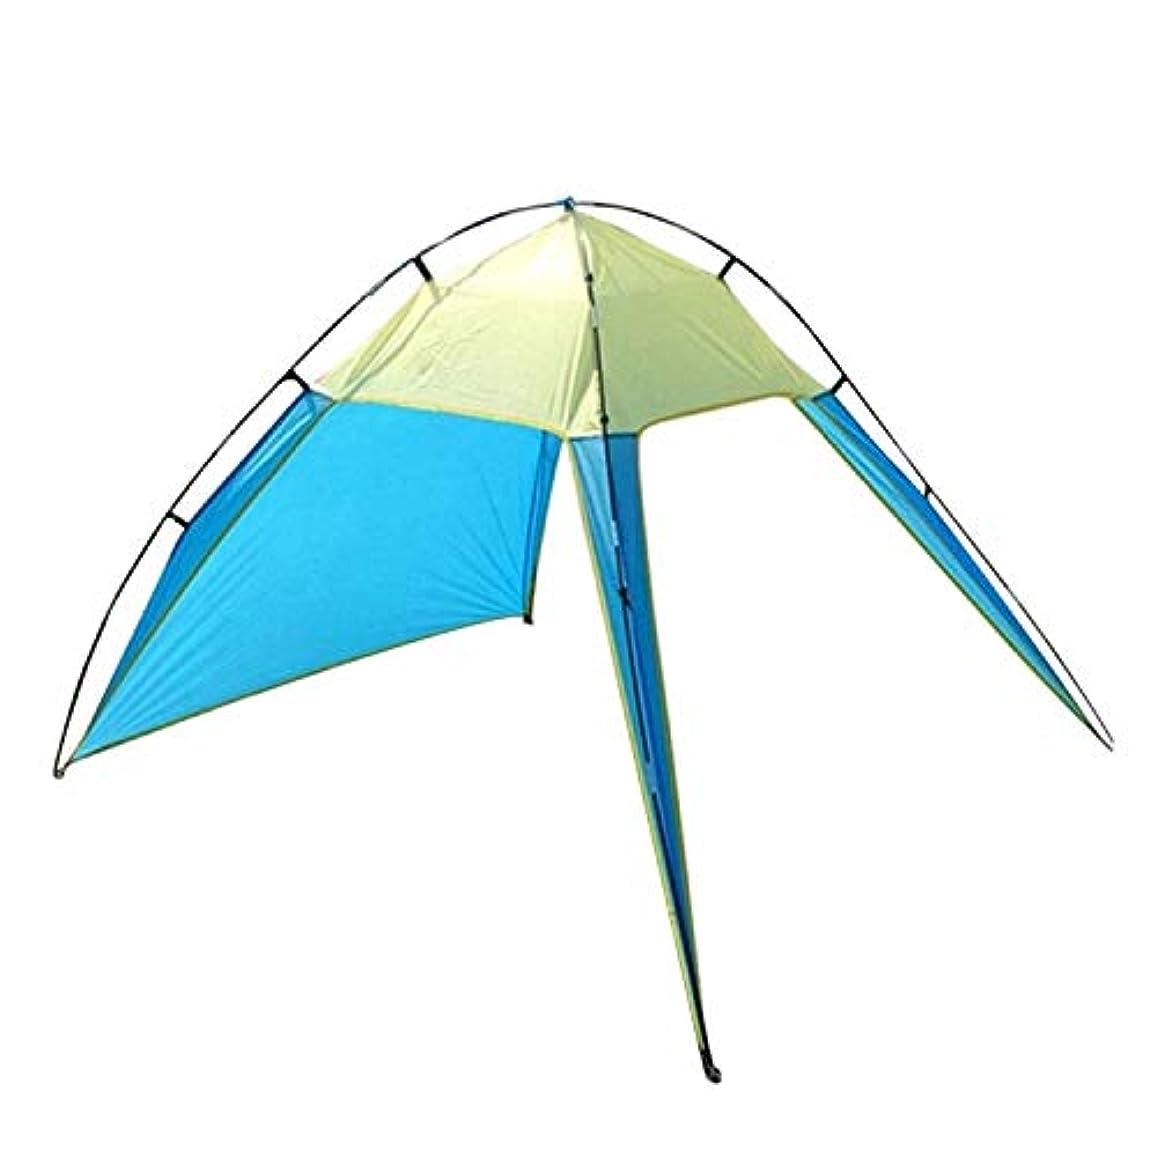 手つかずの真っ逆さまあらゆる種類のJVSISM ブルー&グリーン 屋外の亭テント浜のテント アウトドア 防水日よけ ピクニックハイキングキャンプ釣り ポータブル 簡単に取り付ける